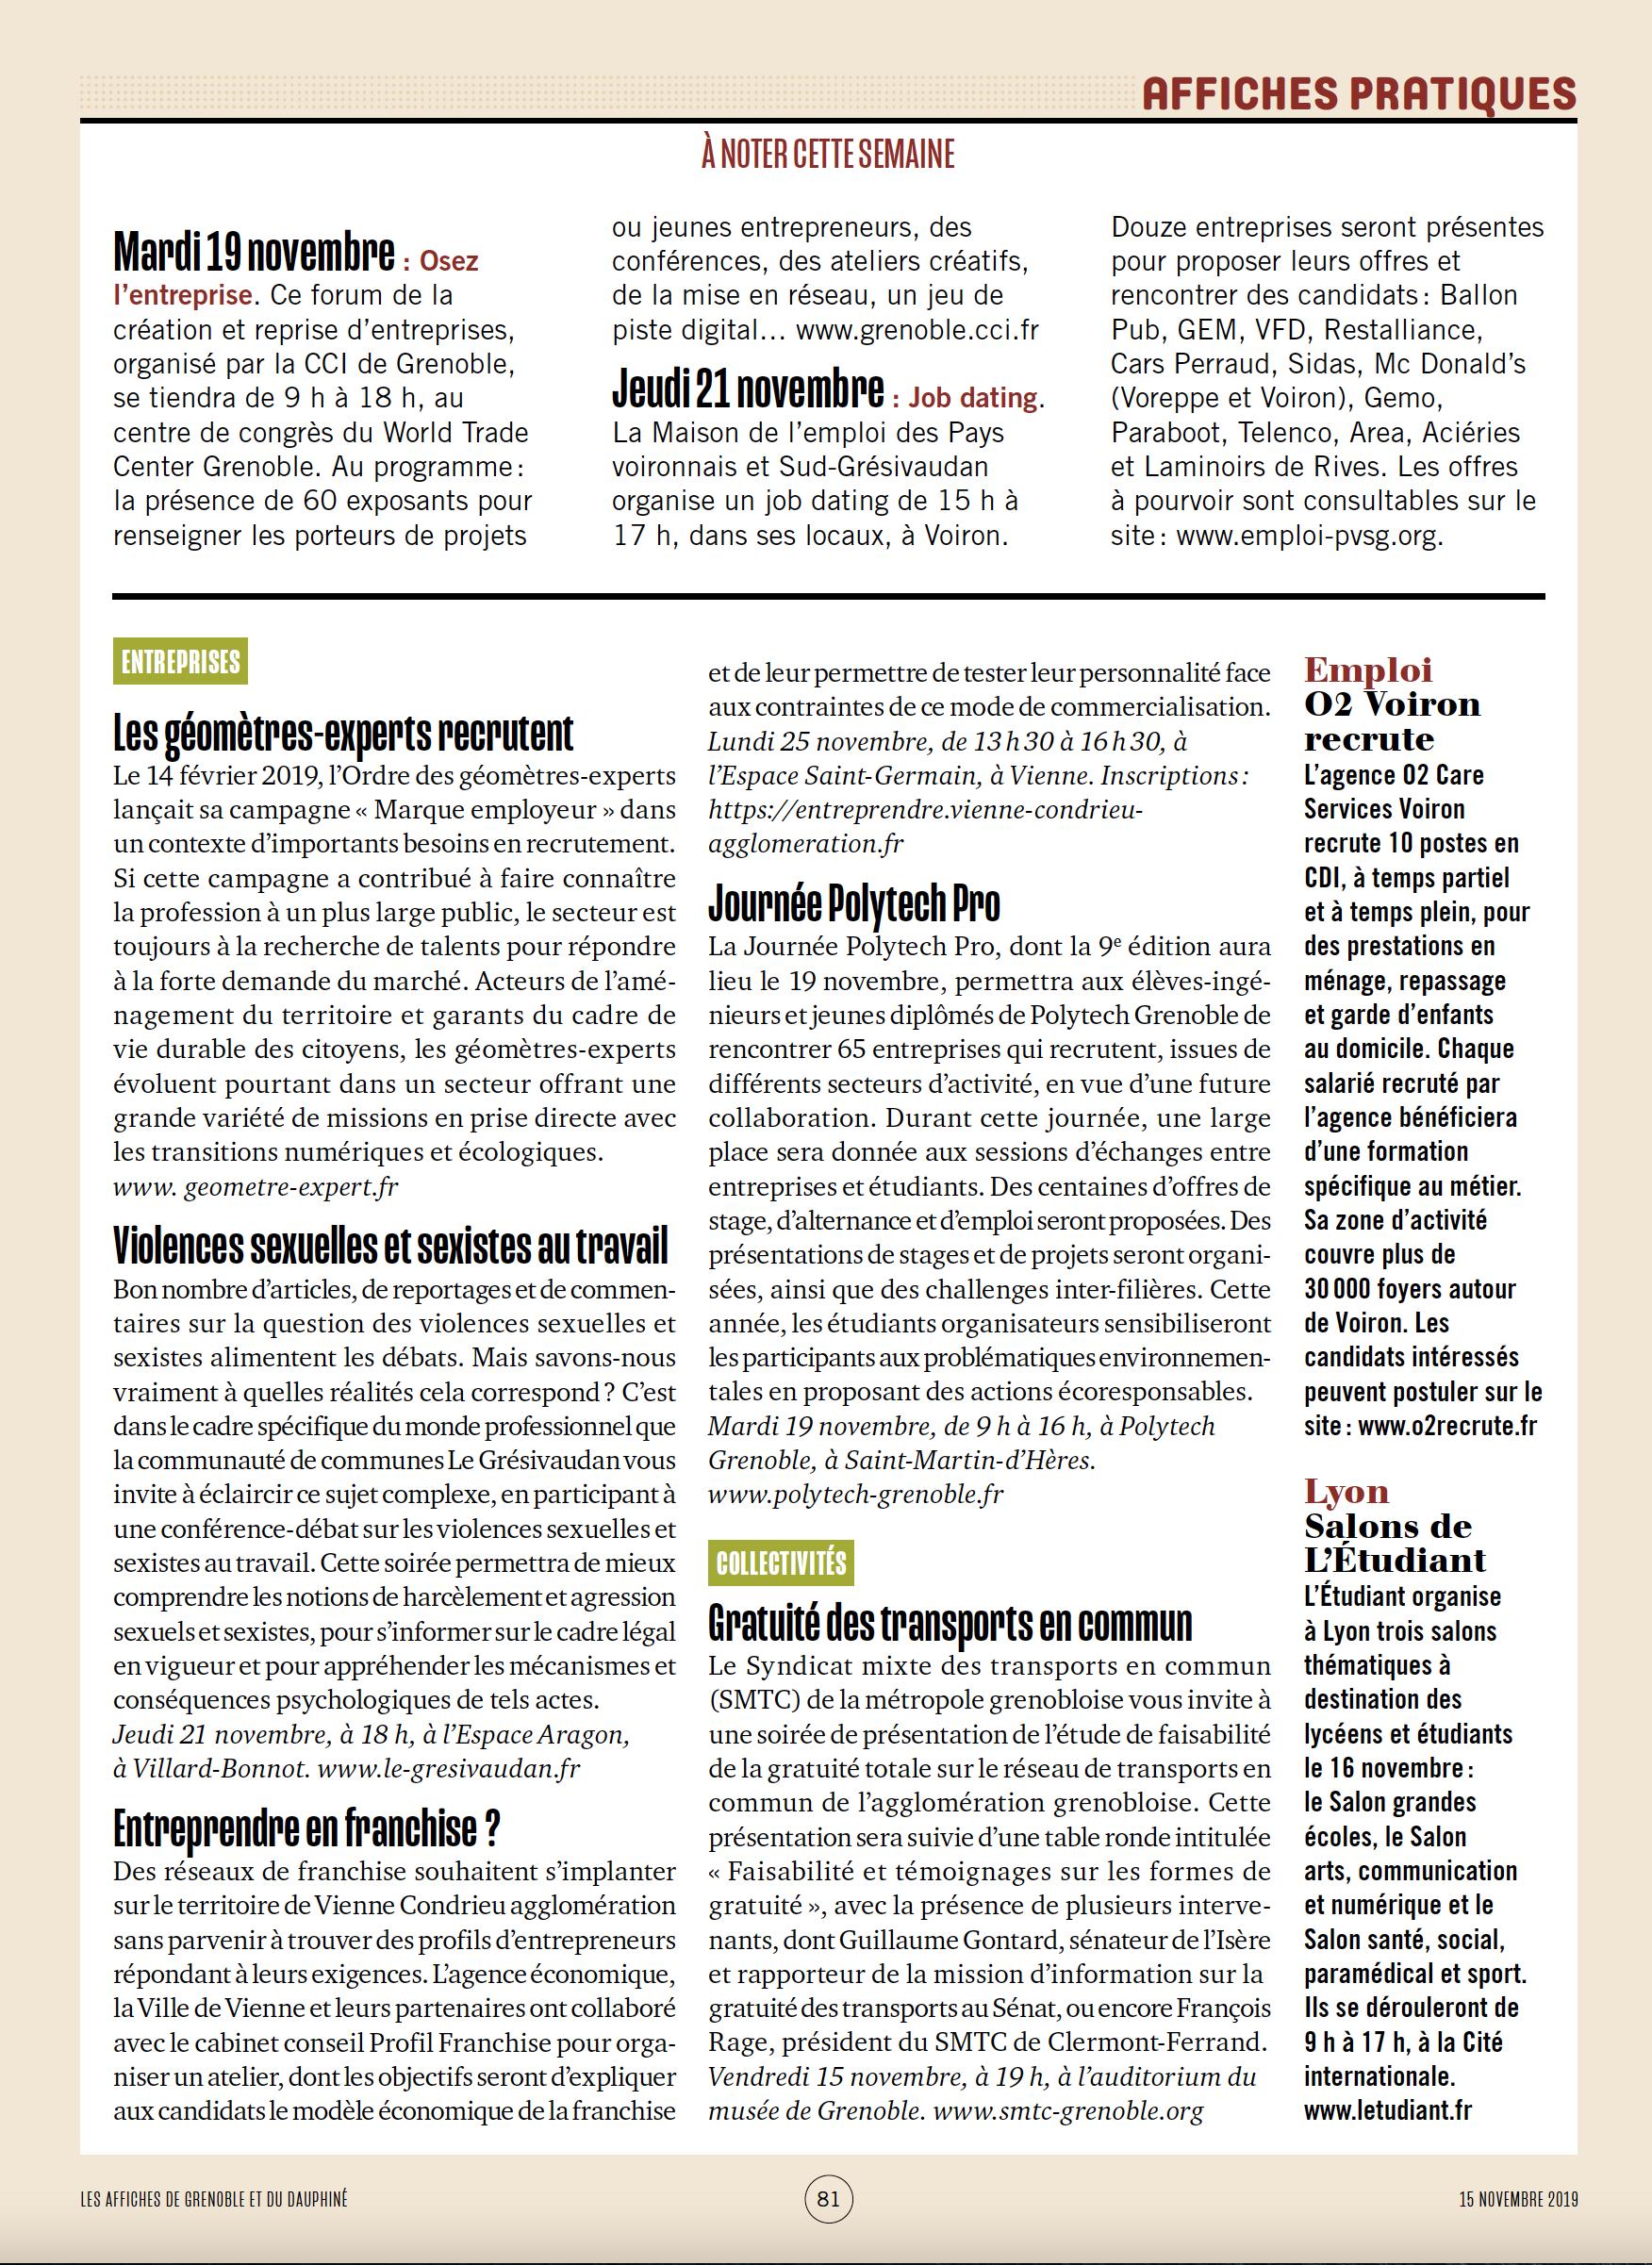 presse-jpp-19